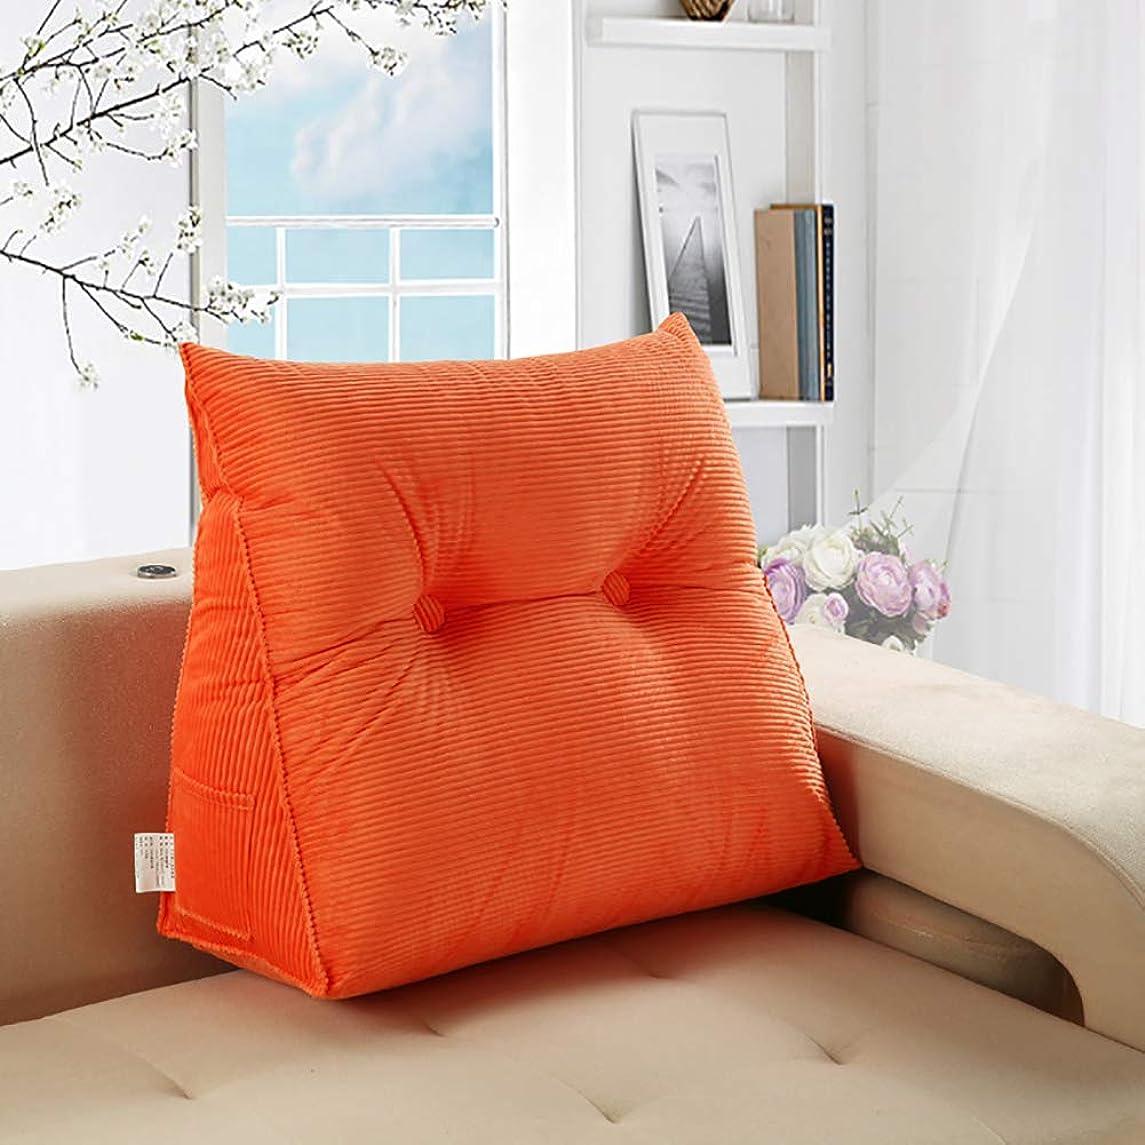 チャート用心鋸歯状快適 三角 三角枕, Pp-綿 いっぱい ソフト 読書用クッション 背もたれクッション ベッド オフィス 椅子 残りの枕 取り外し カバー-オレンジ 24x8x20inch